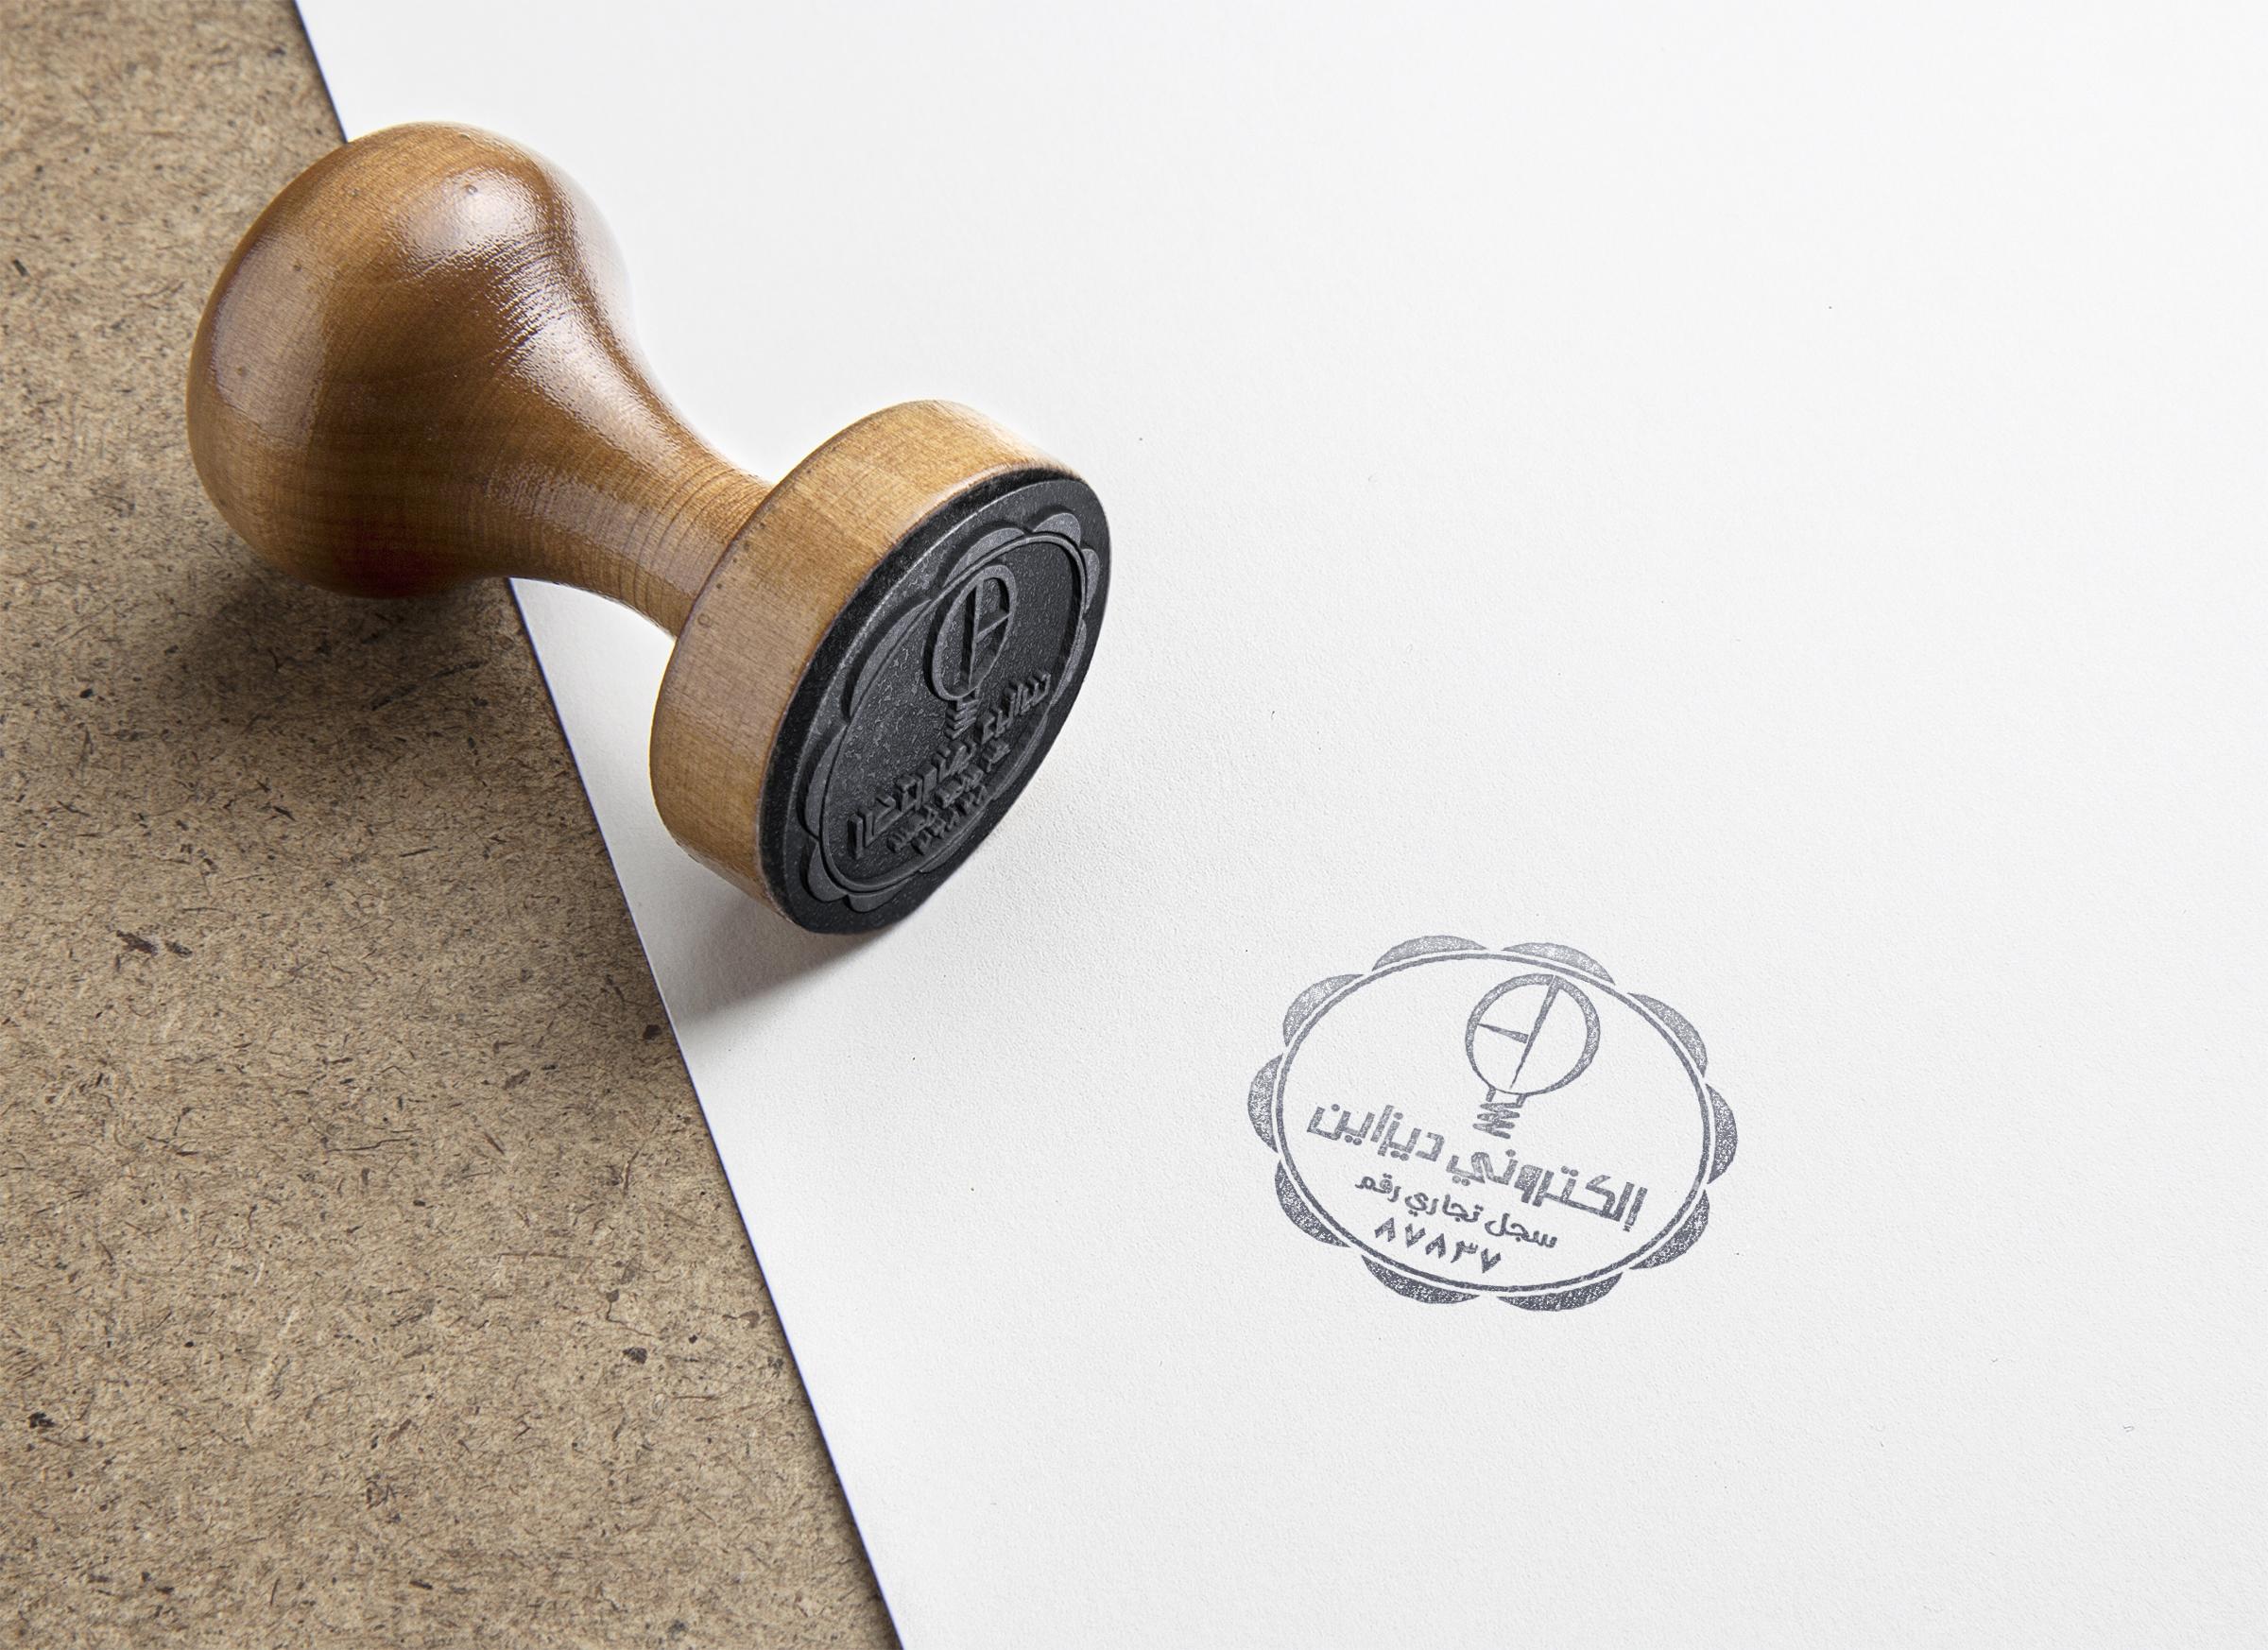 تصميم ختم احترافي للشركات والأفراد